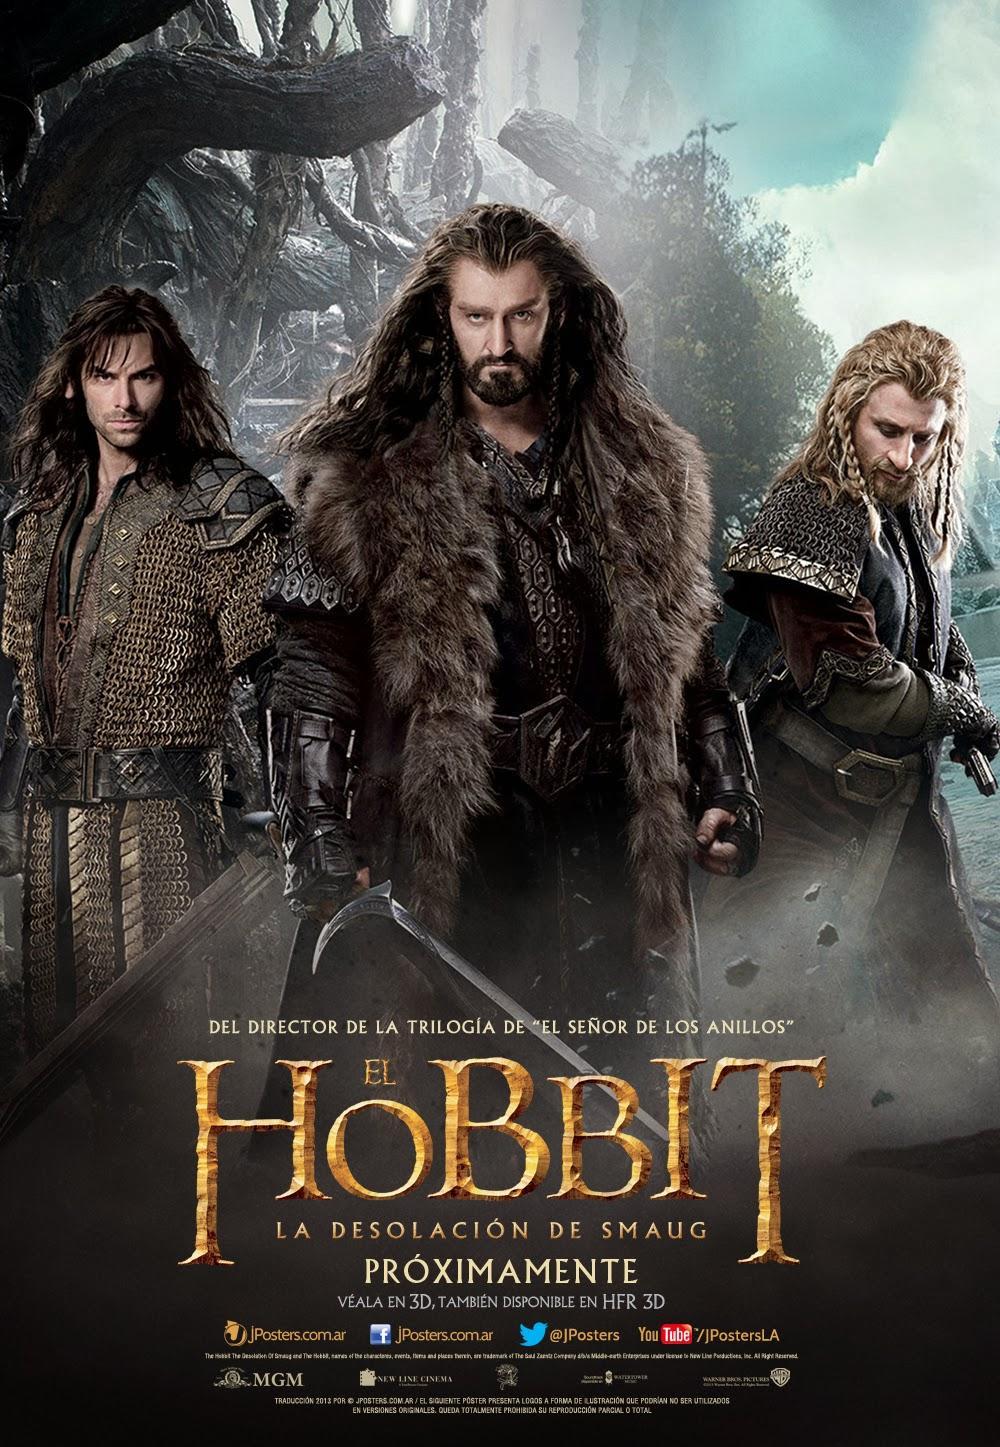 El_Hobbit_La_Desolación_De_Smaug_Nuevo_Poster_Latino_d_JPosters.jpg